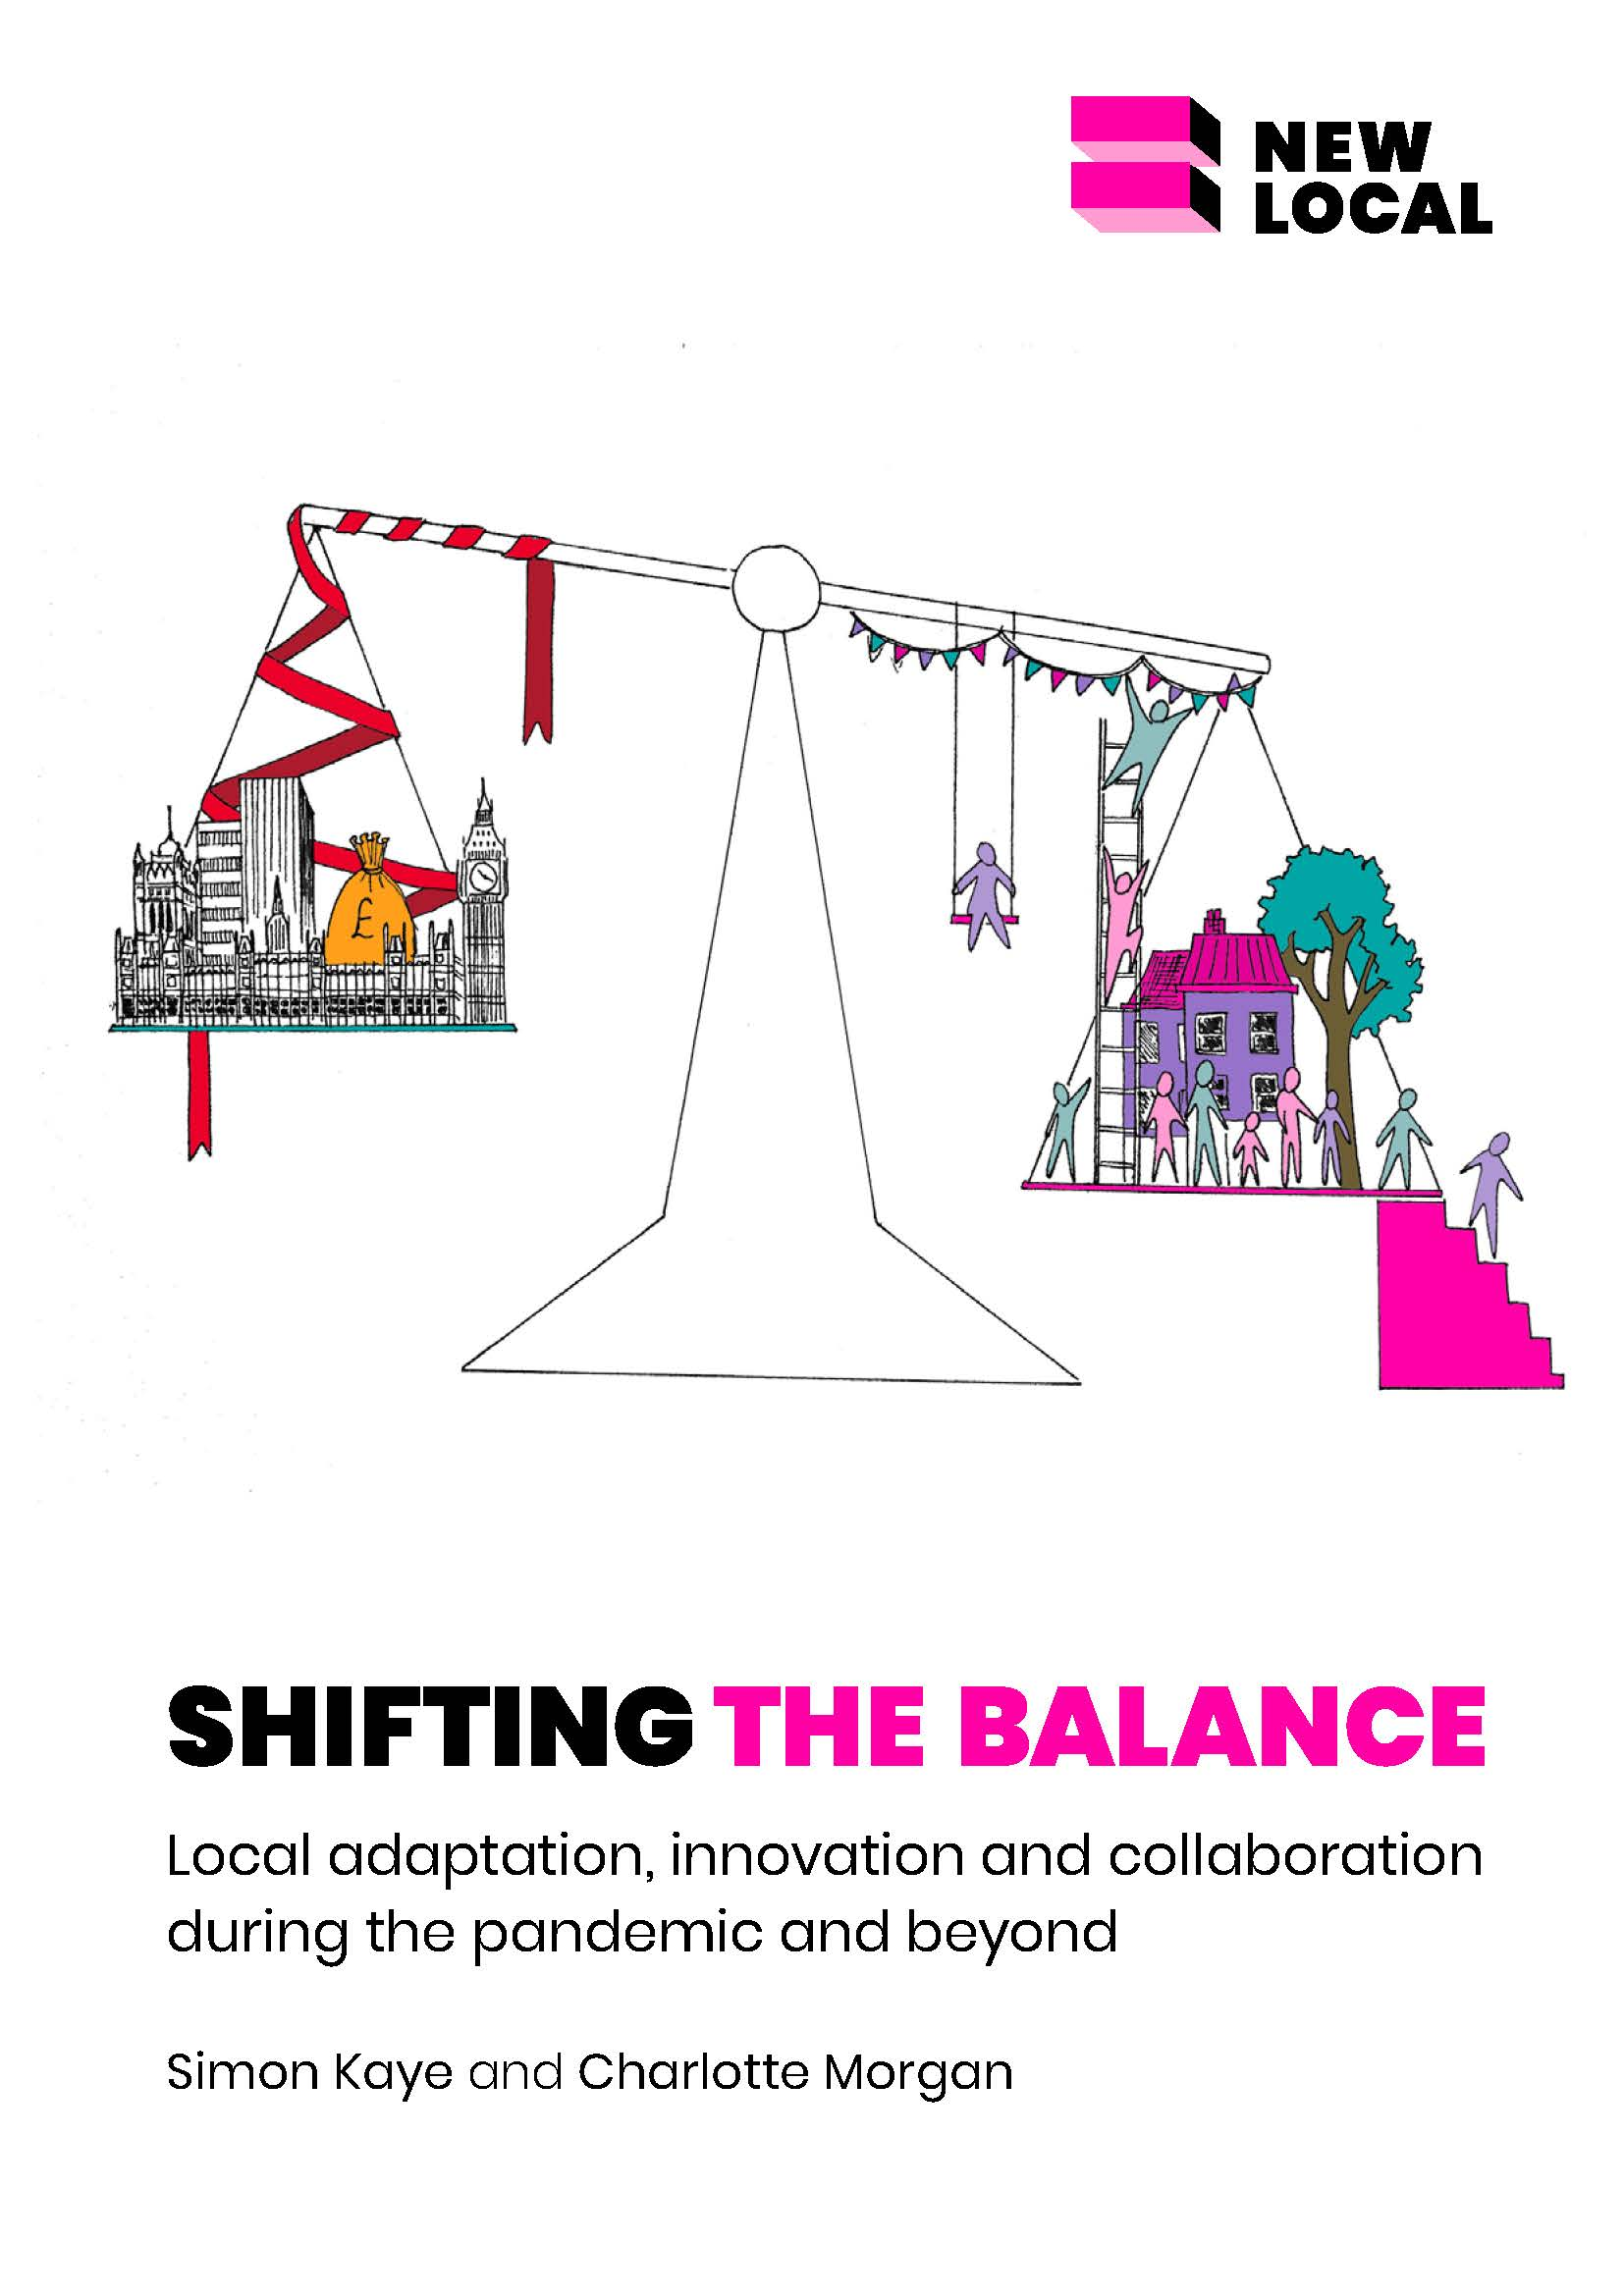 Shifting the Balance